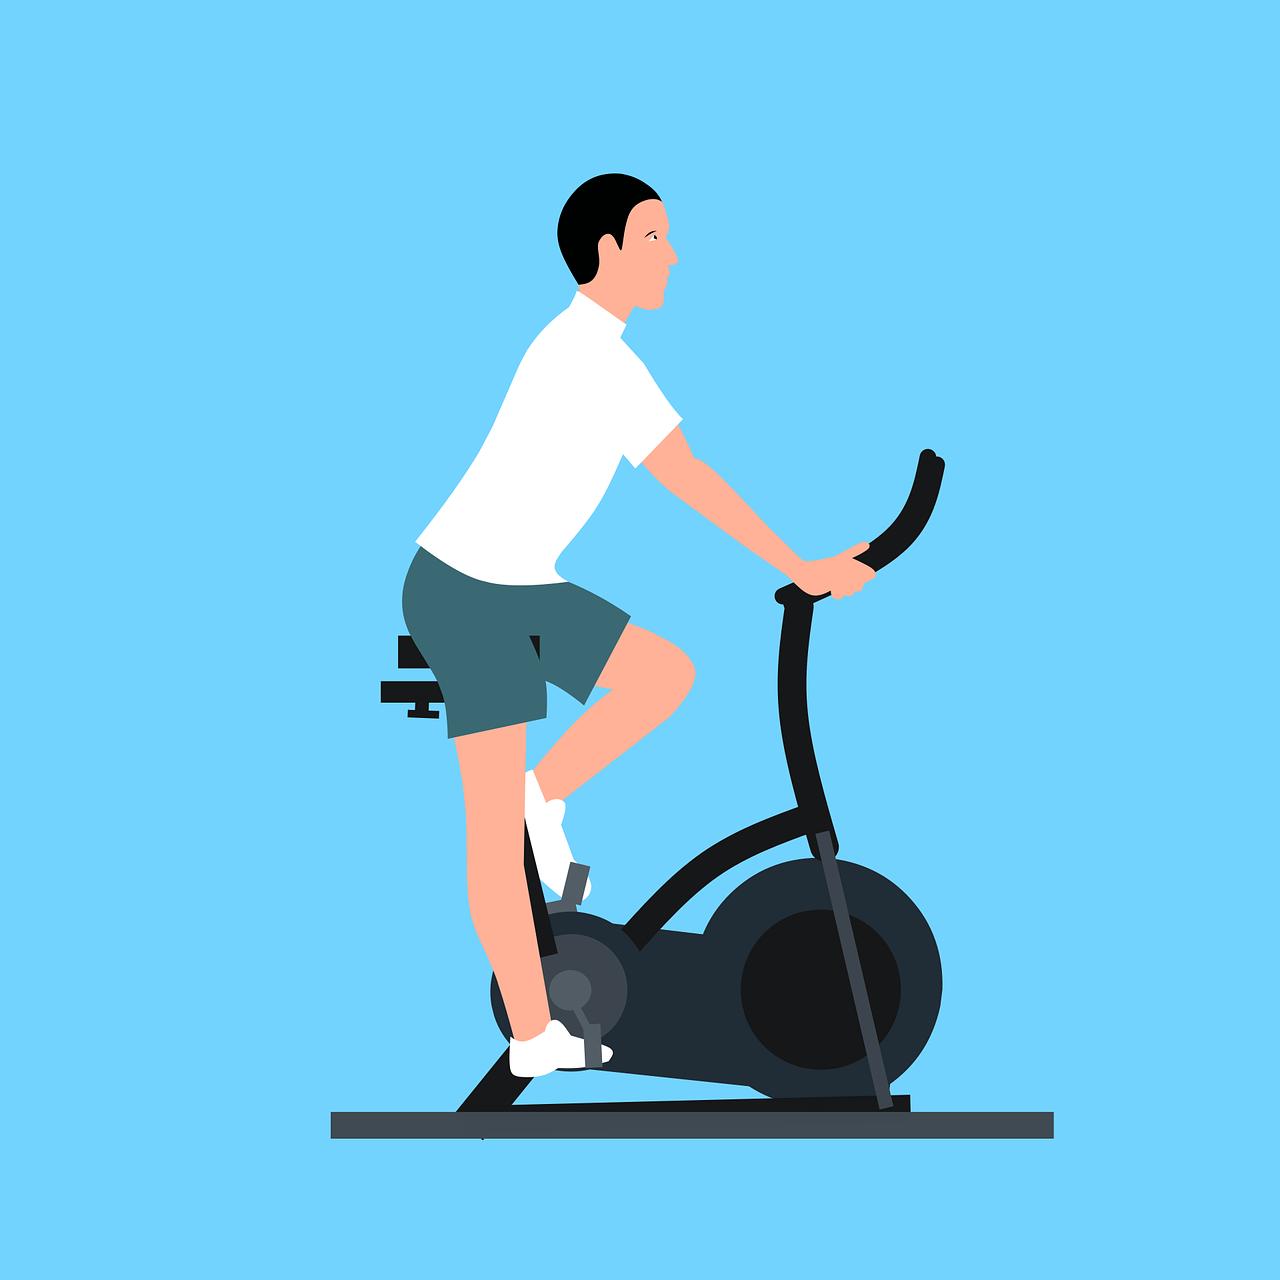 Pria Latihan Sepeda - Gambar vektor gratis di Pixabay